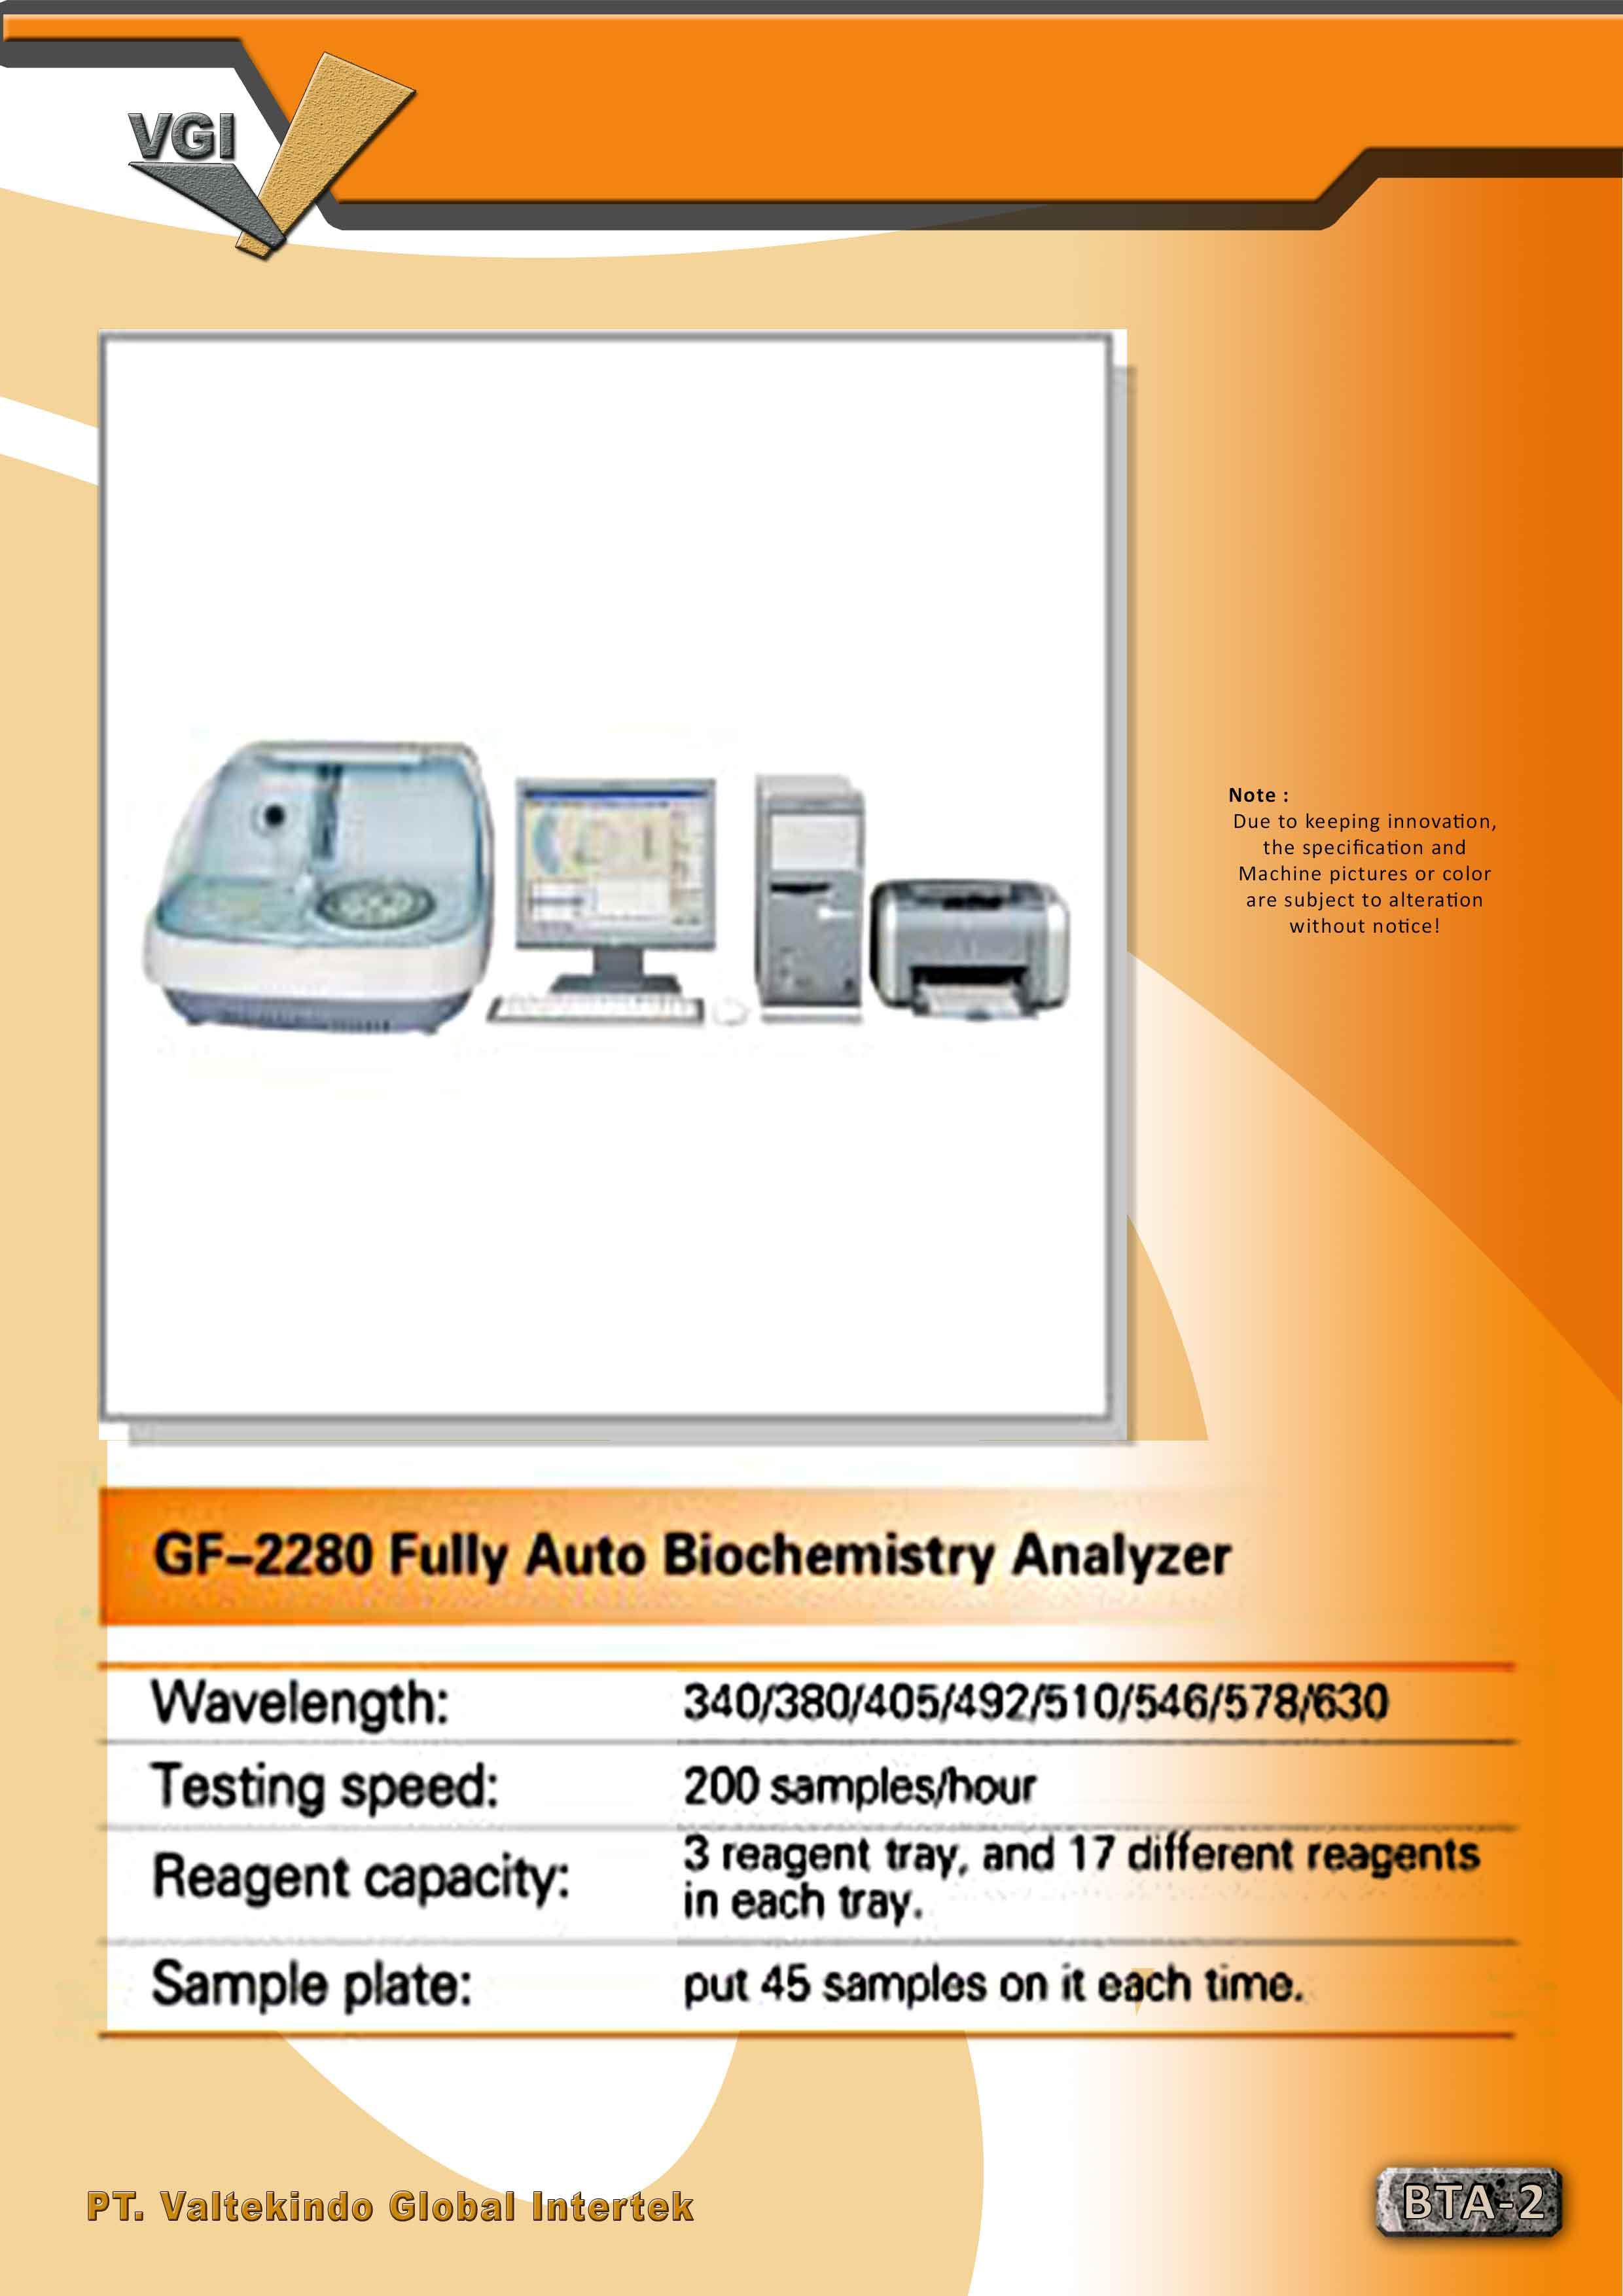 jual mesin Fully Auto Biochemistry Analyzer Fully Auto Biochemistry Analyzer